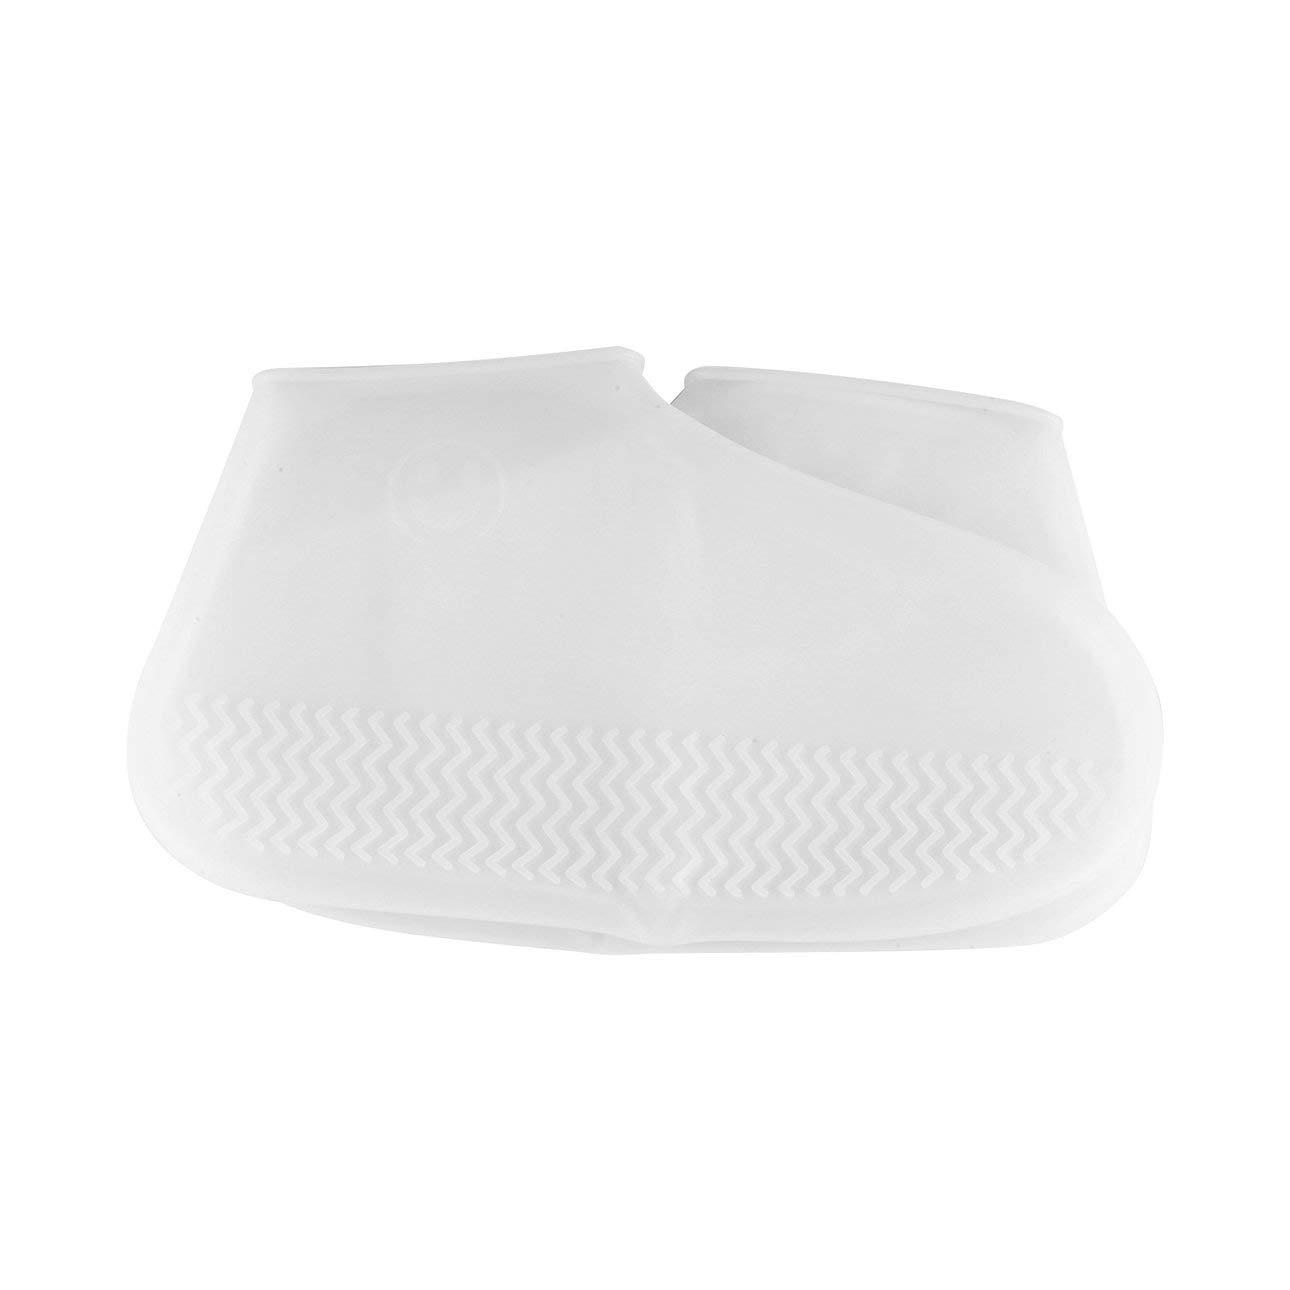 Ballylelly 1 par de l/átex Reutilizable Impermeable Cubrezapatos Cubrebotas de Goma Antideslizante Cubrebotas Cubrezapatos Accesorios